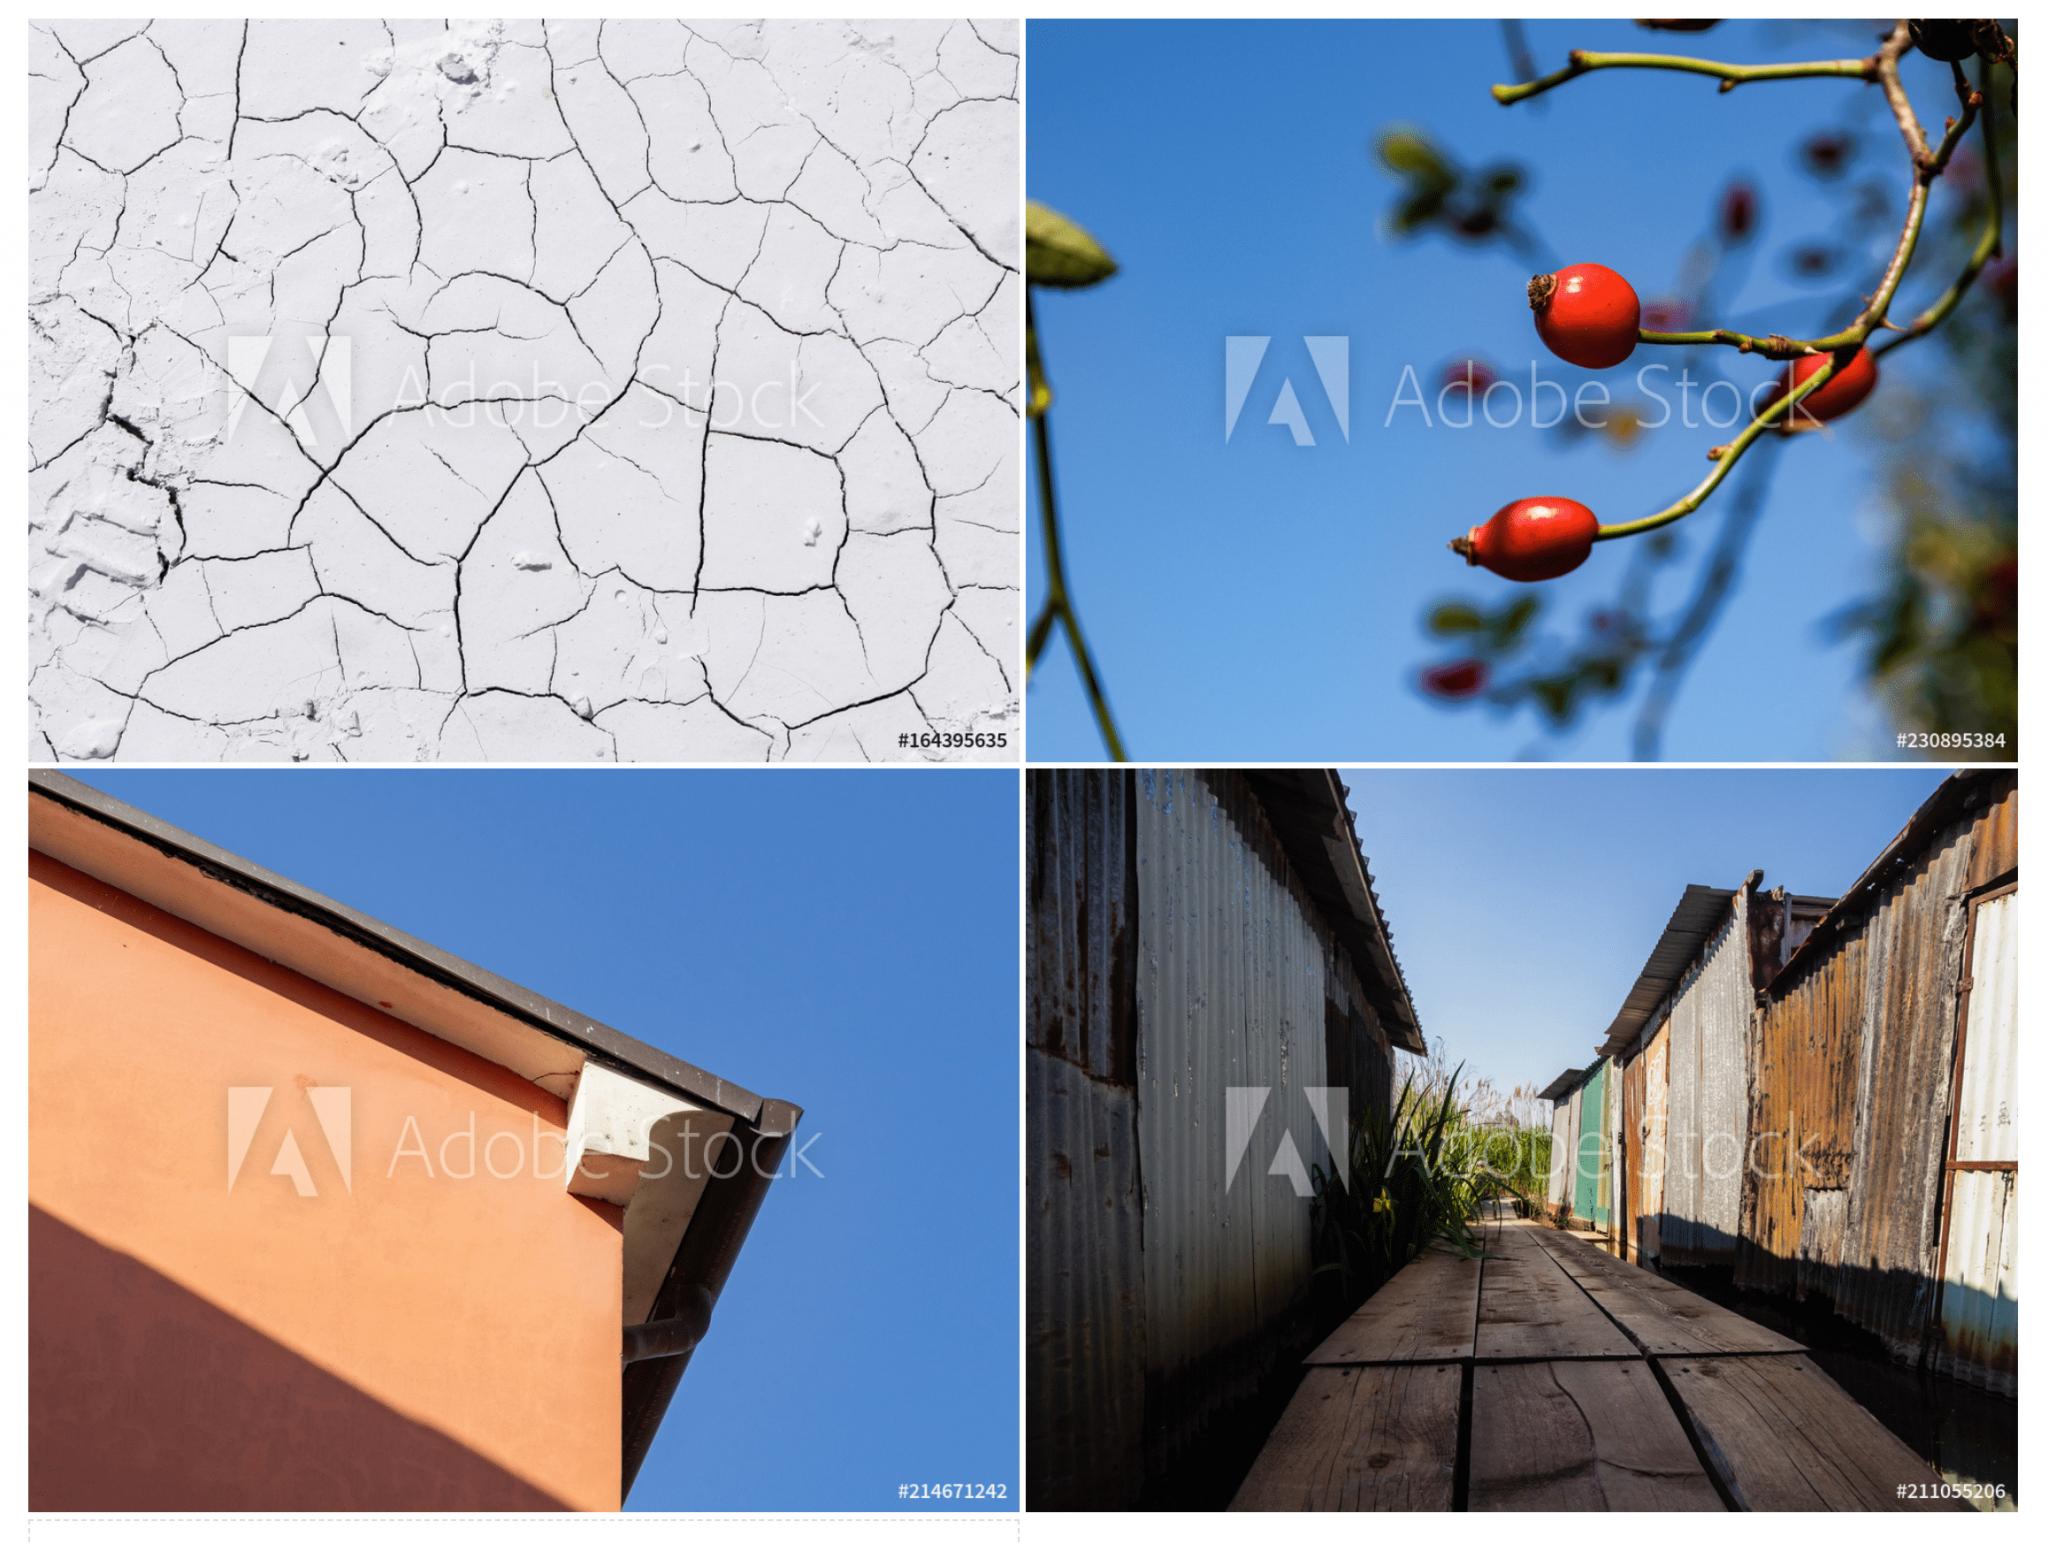 Adobe Portfolio - Adobe Stock